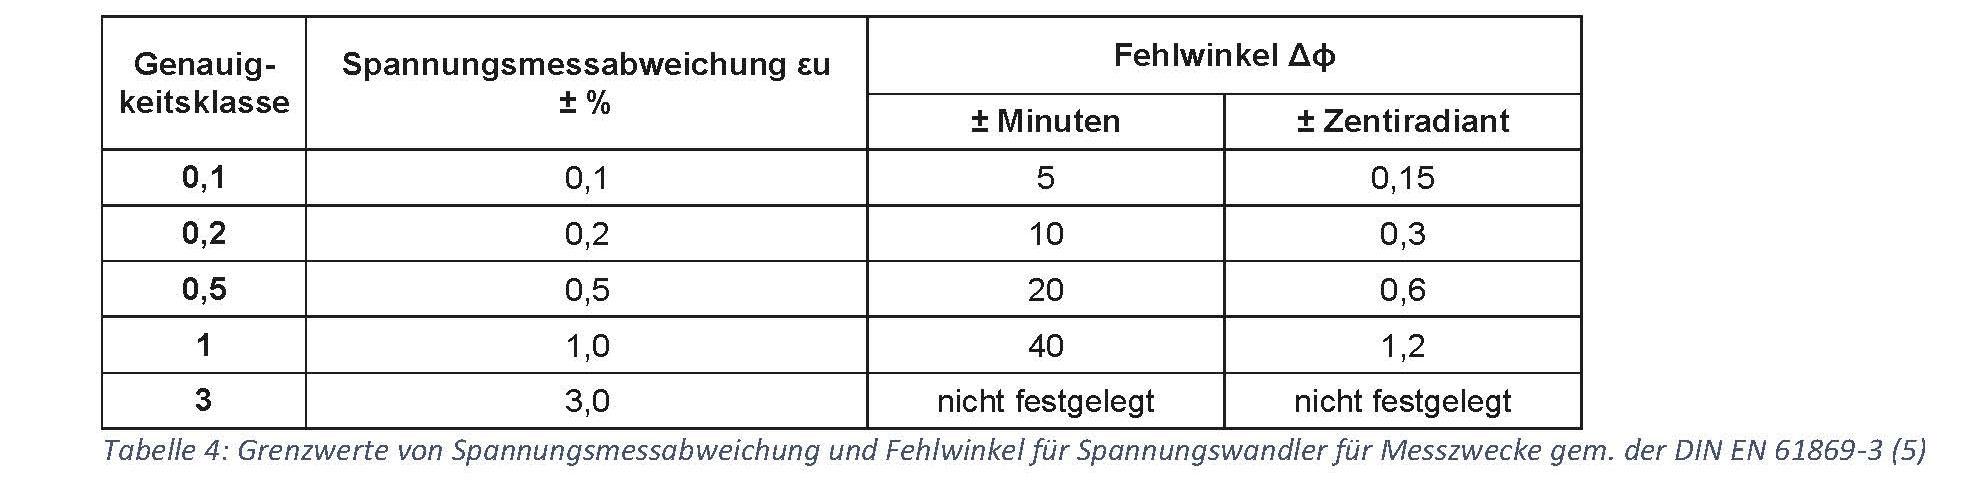 9_Techn_erlaeuterungen_2_1